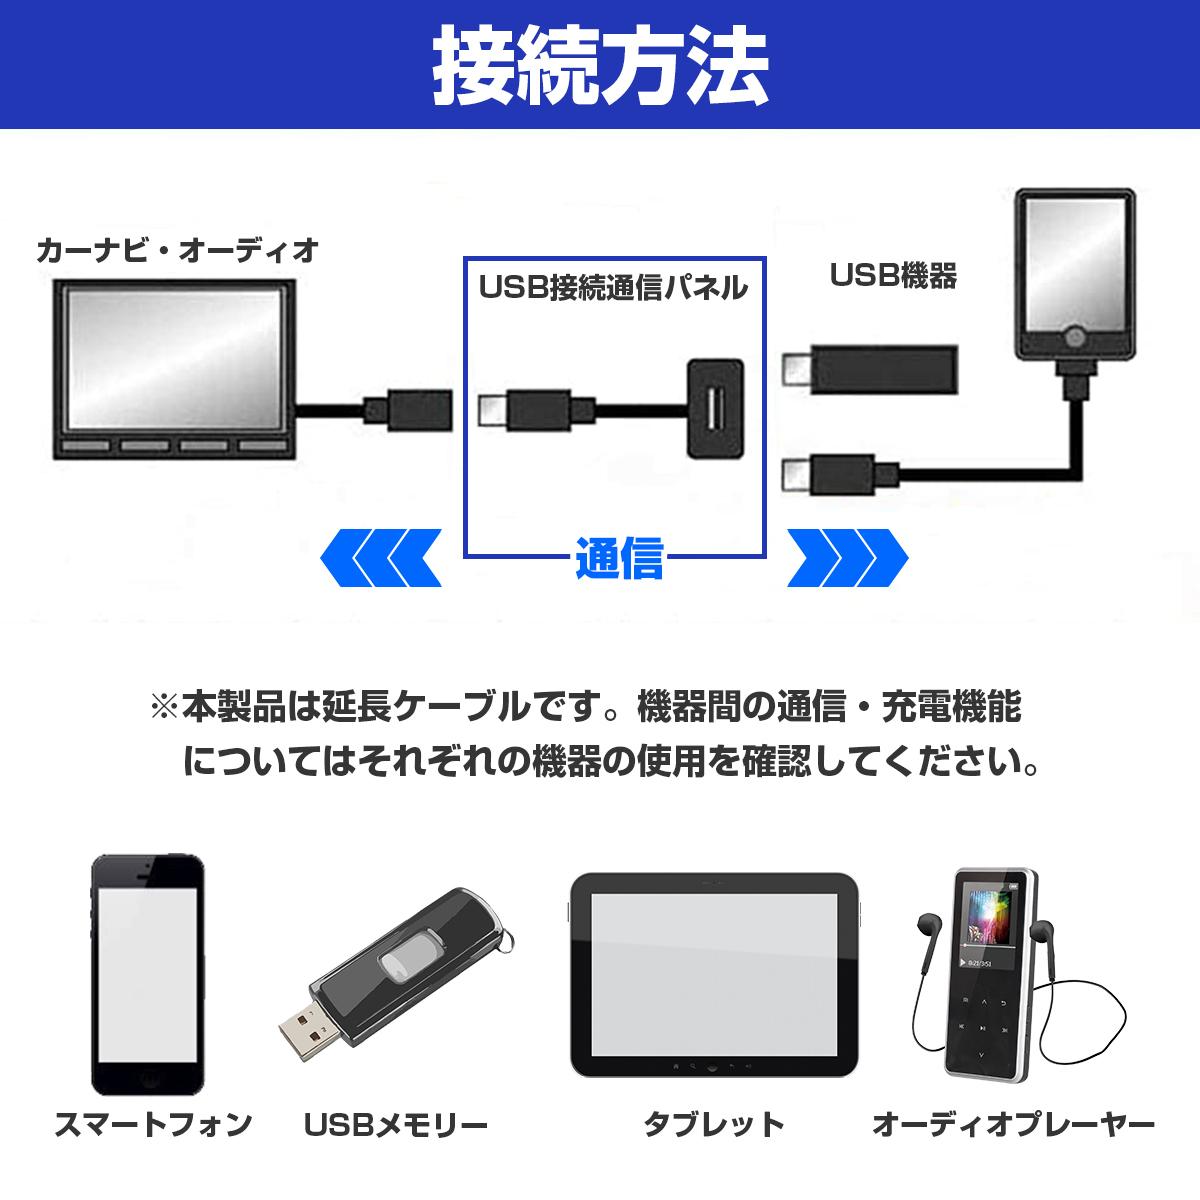 【トヨタAタイプ】 ラクティス 100系 H17.10~H22.10 純正風♪ USB接続通信パネル 配線付 USB1ポート 埋め込み 増設USBケーブル 2.1A 12V_画像4